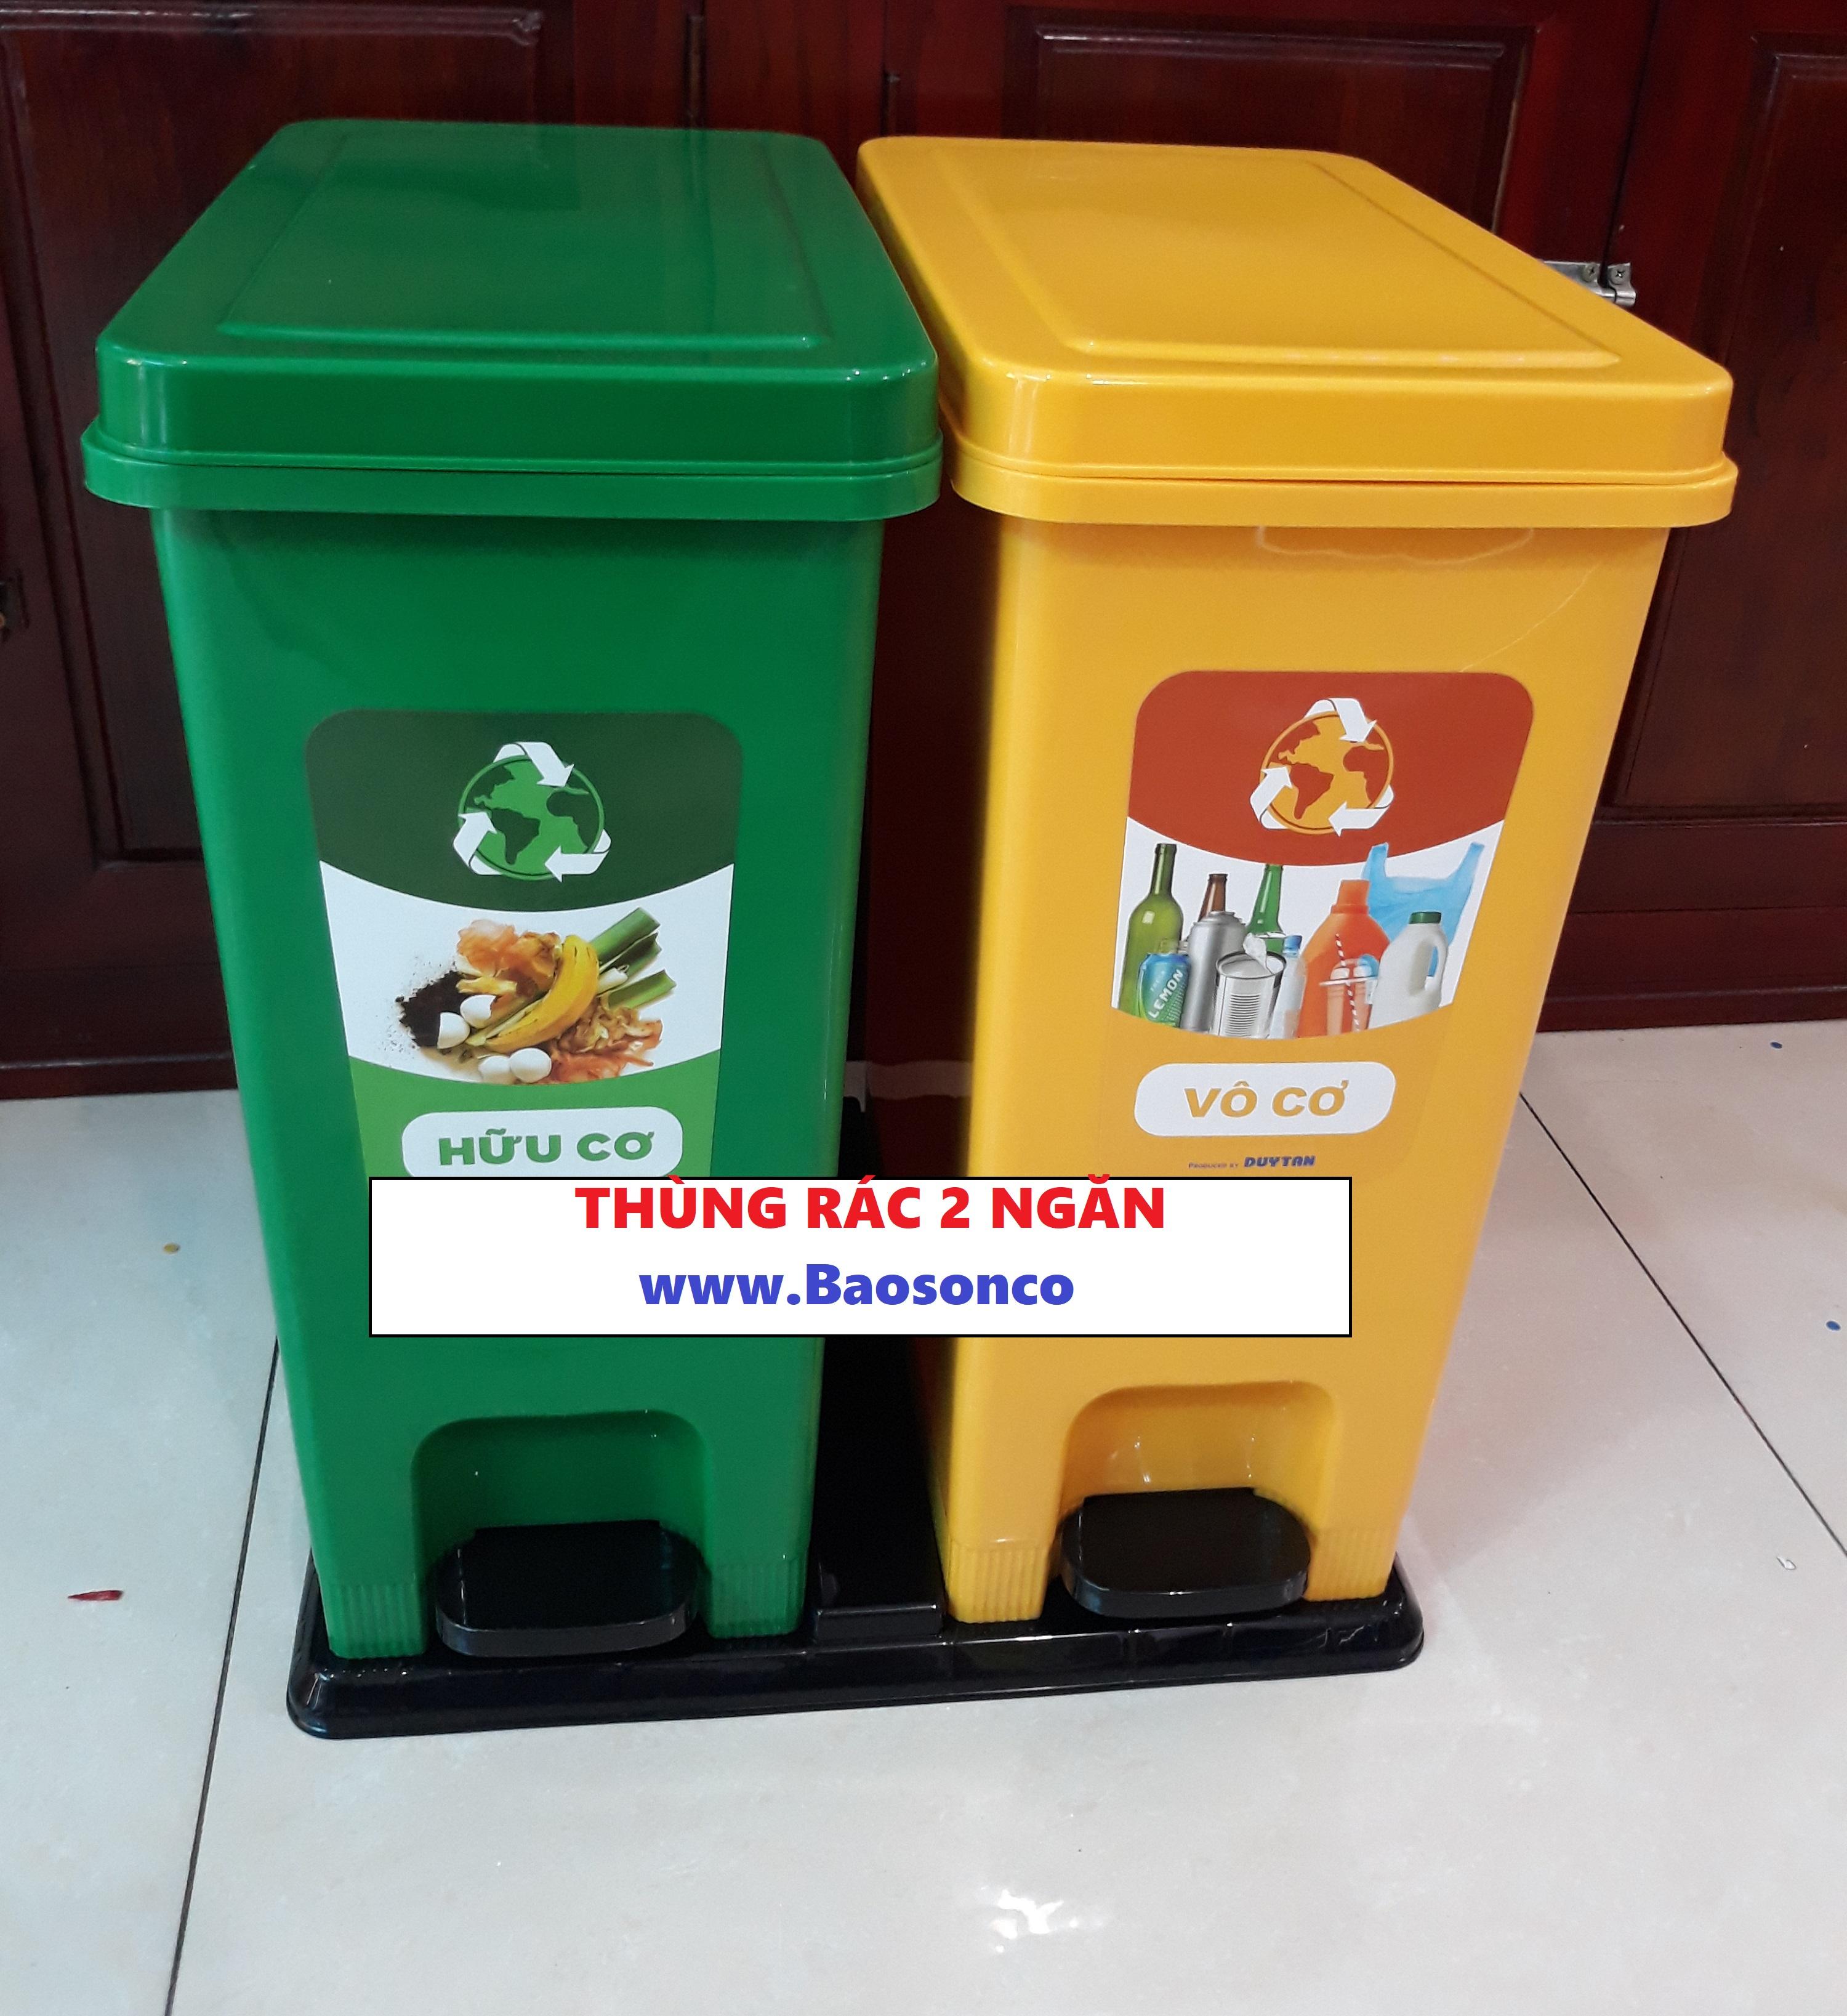 Thùng rác văn phòng 2 ngăn